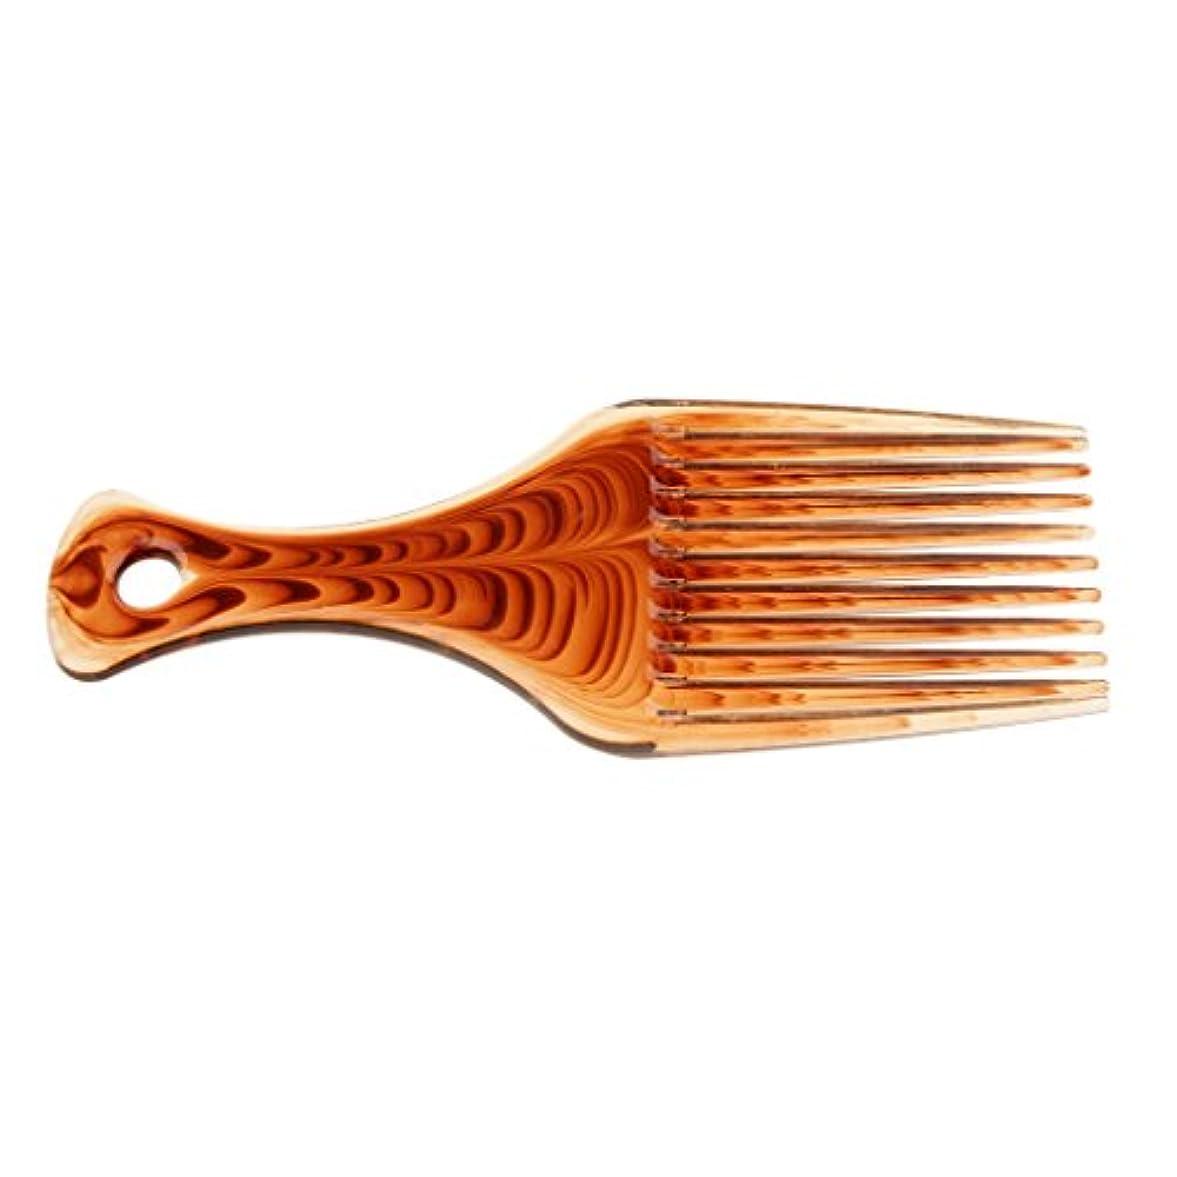 仲間偽造思いやりのあるヘアブラシ 髪の櫛 プラスチック製 サロン バリバー アフロ ヘアピック ブラシ 櫛